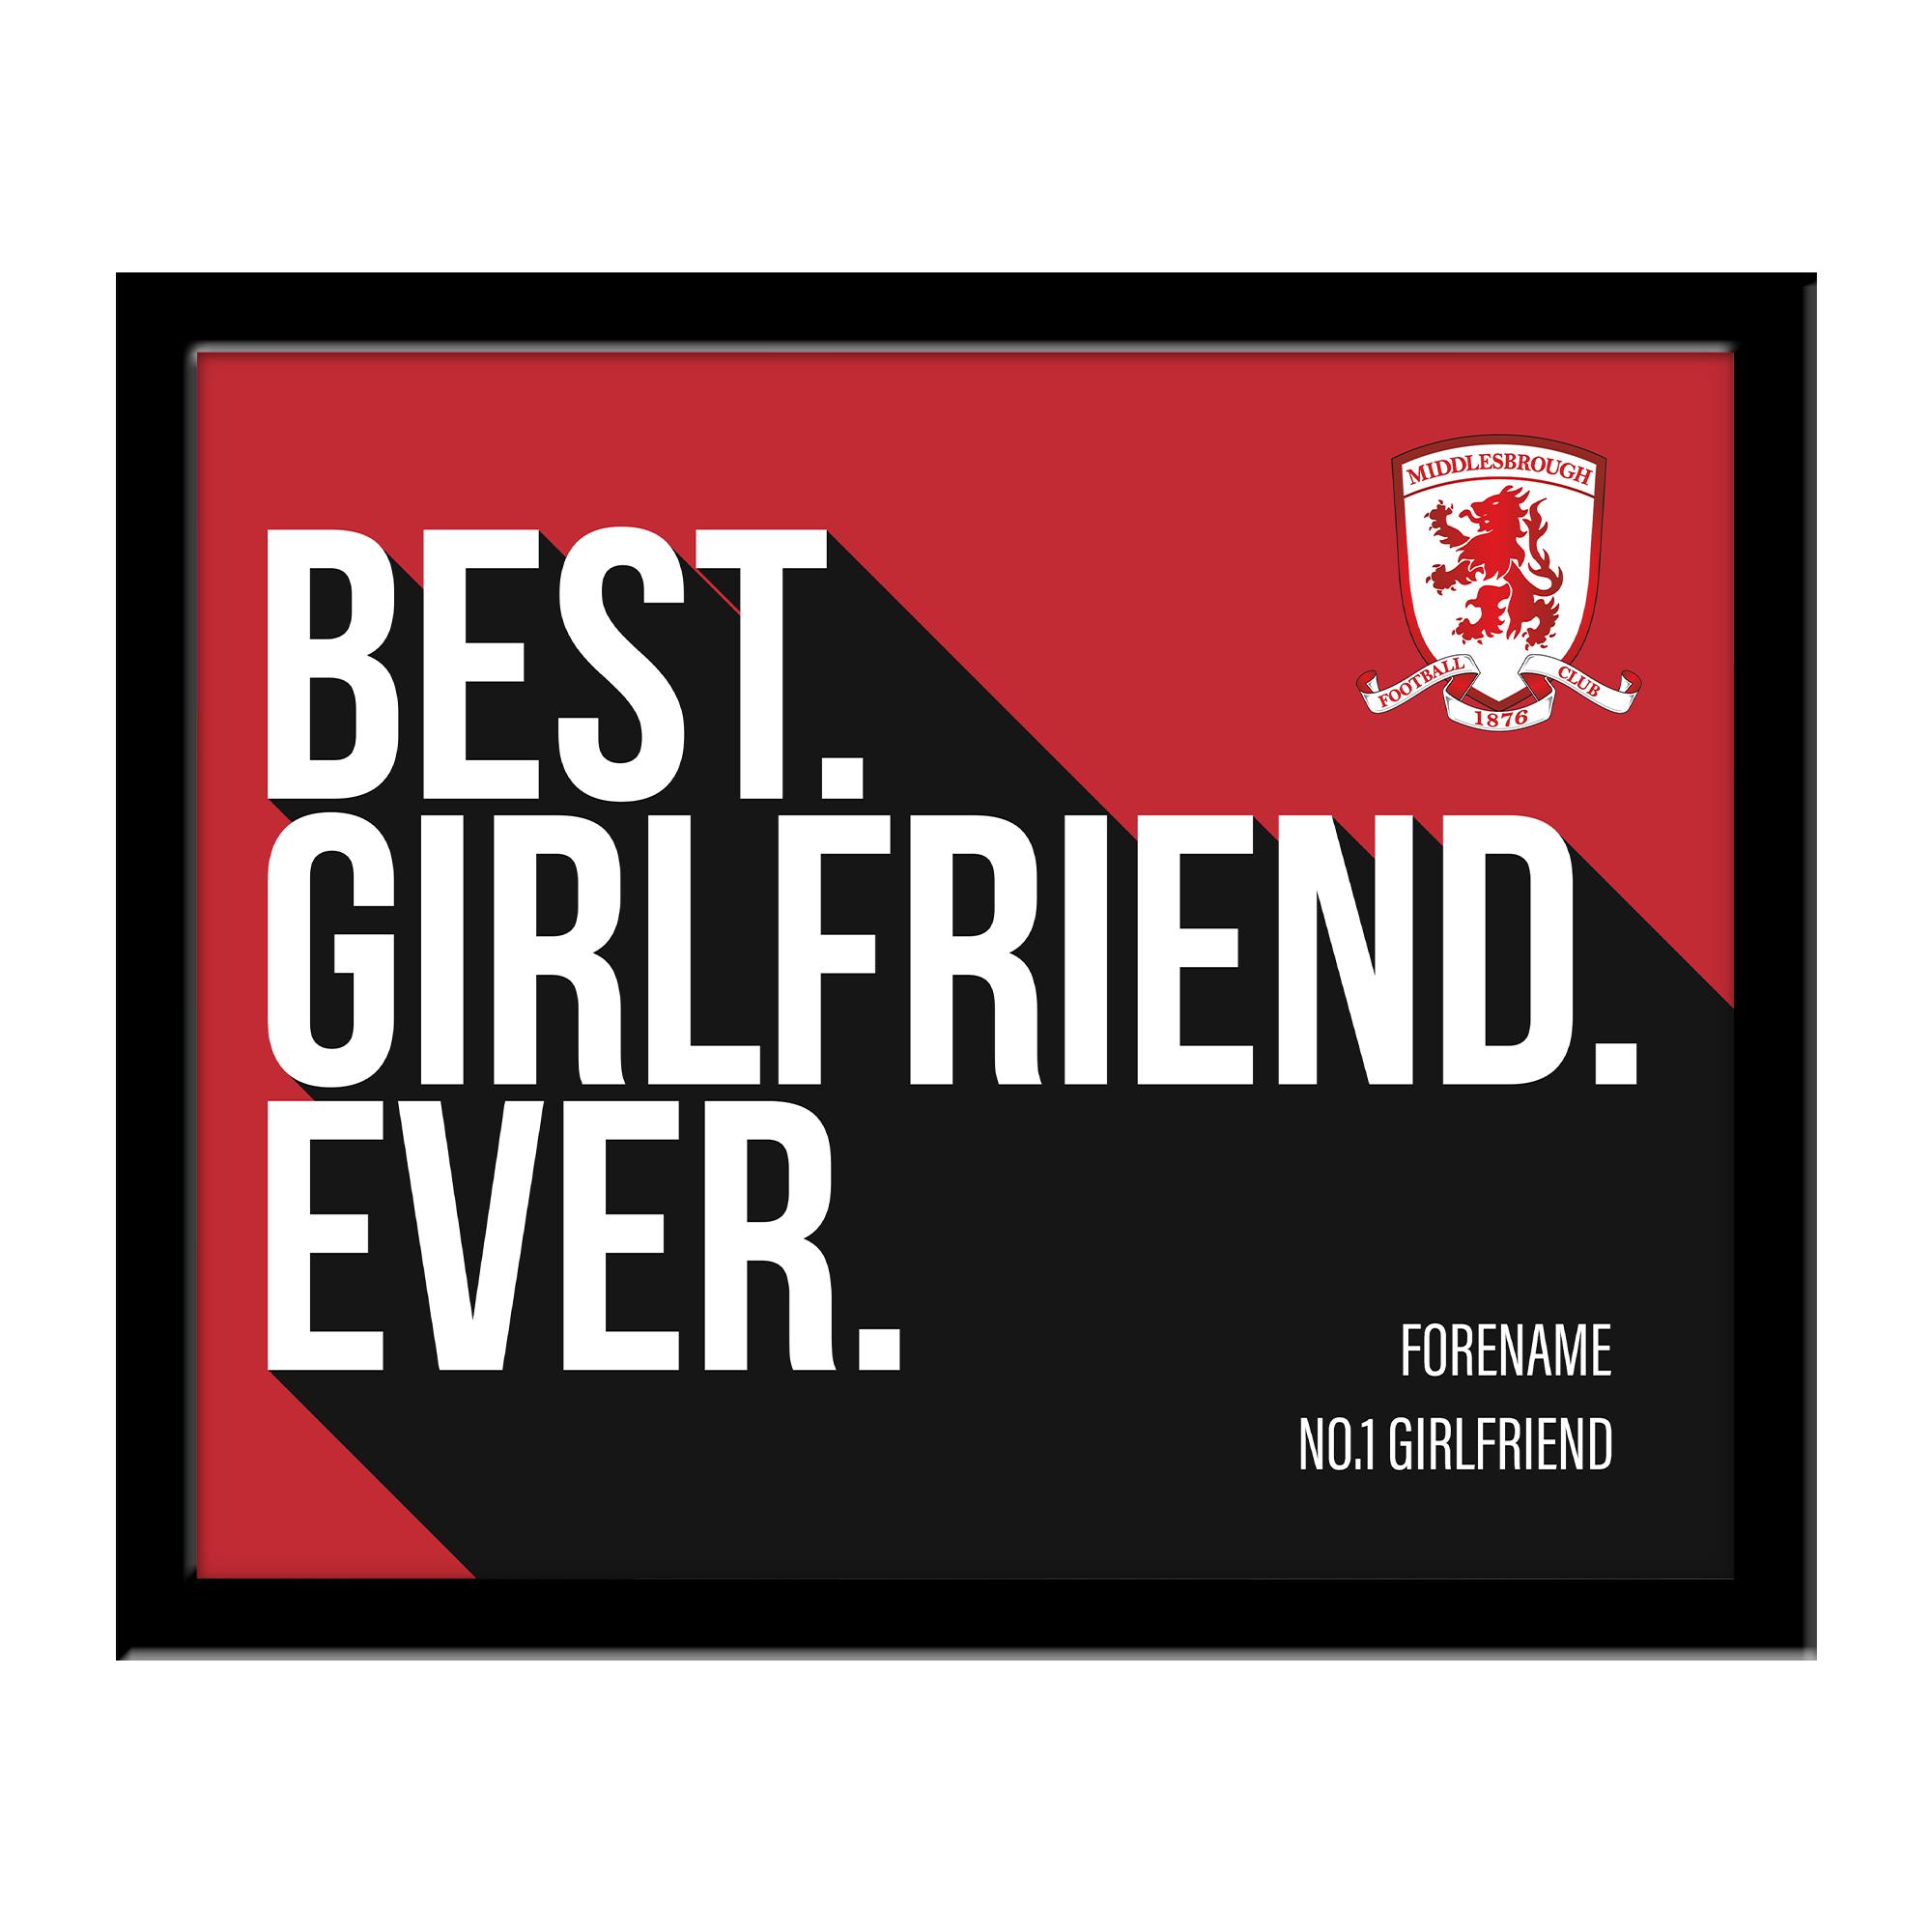 Middlesbrough Best Girlfriend Ever 10 x 8 Photo Framed